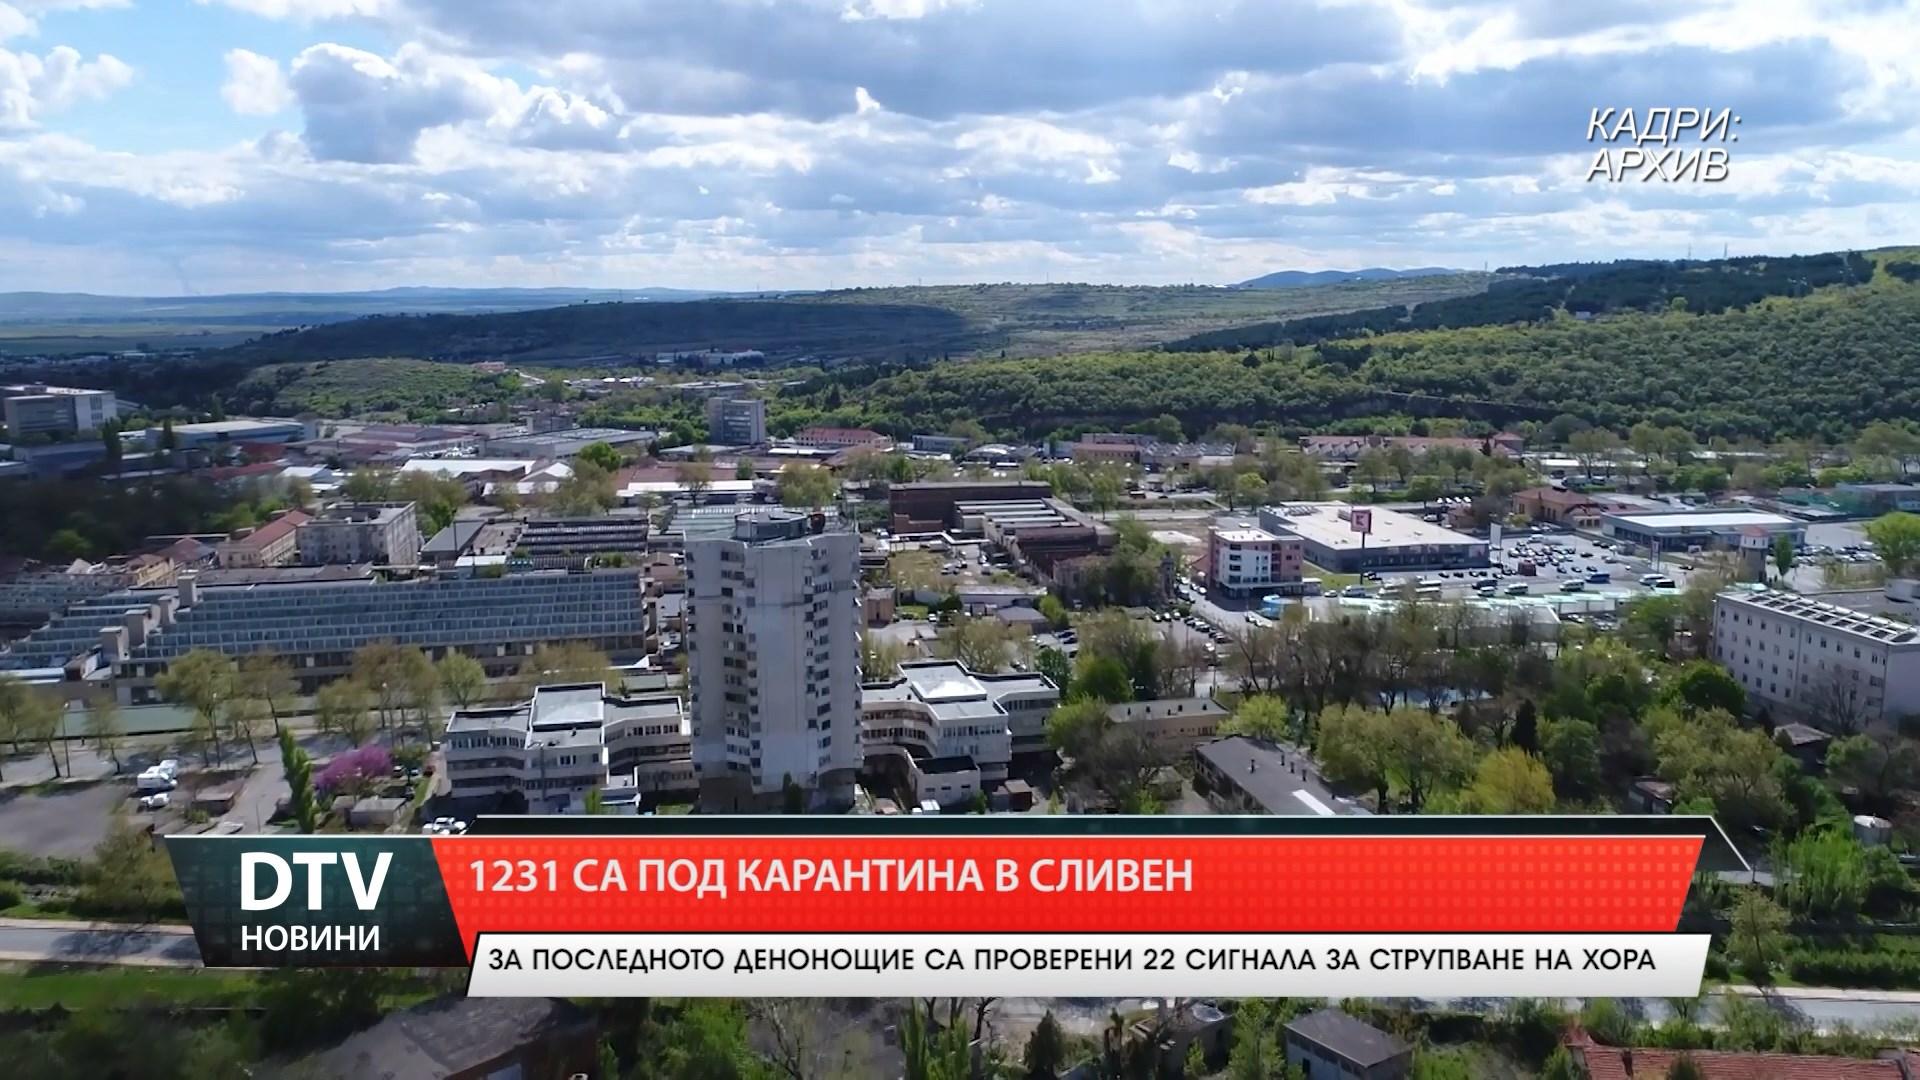 1231 са са под карантина в Сливенско